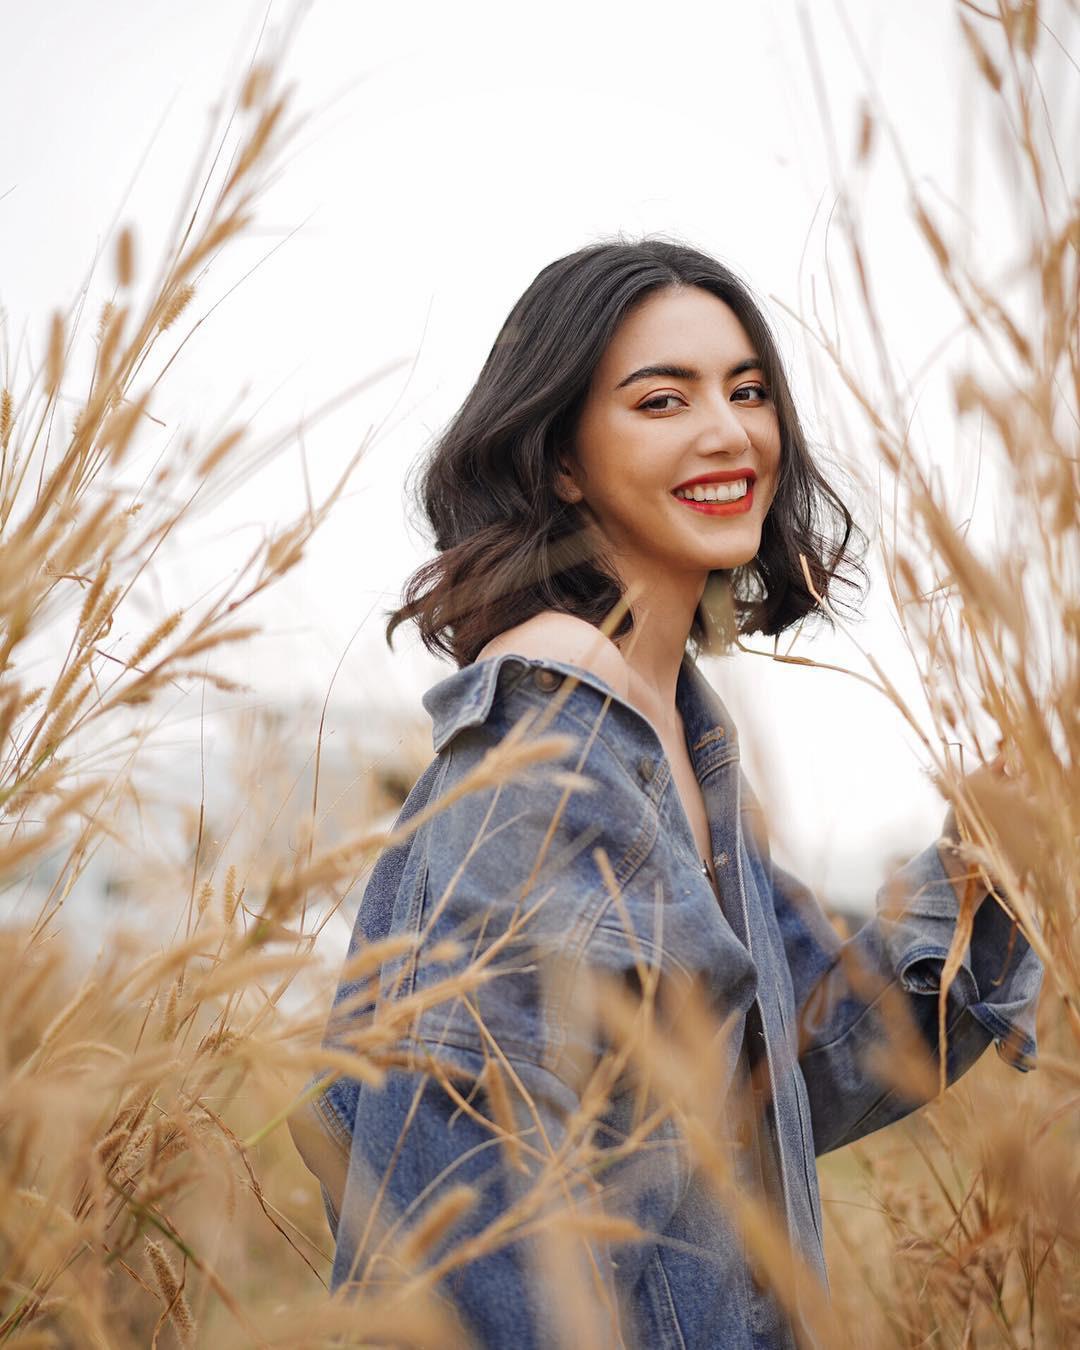 Top 10 mỹ nhân đẹp nhất đài truyền hình quyền lực Thái Lan: Toàn 9X đắt giá nhưng vẫn bị chị đại quyền lực vượt mặt - Ảnh 33.